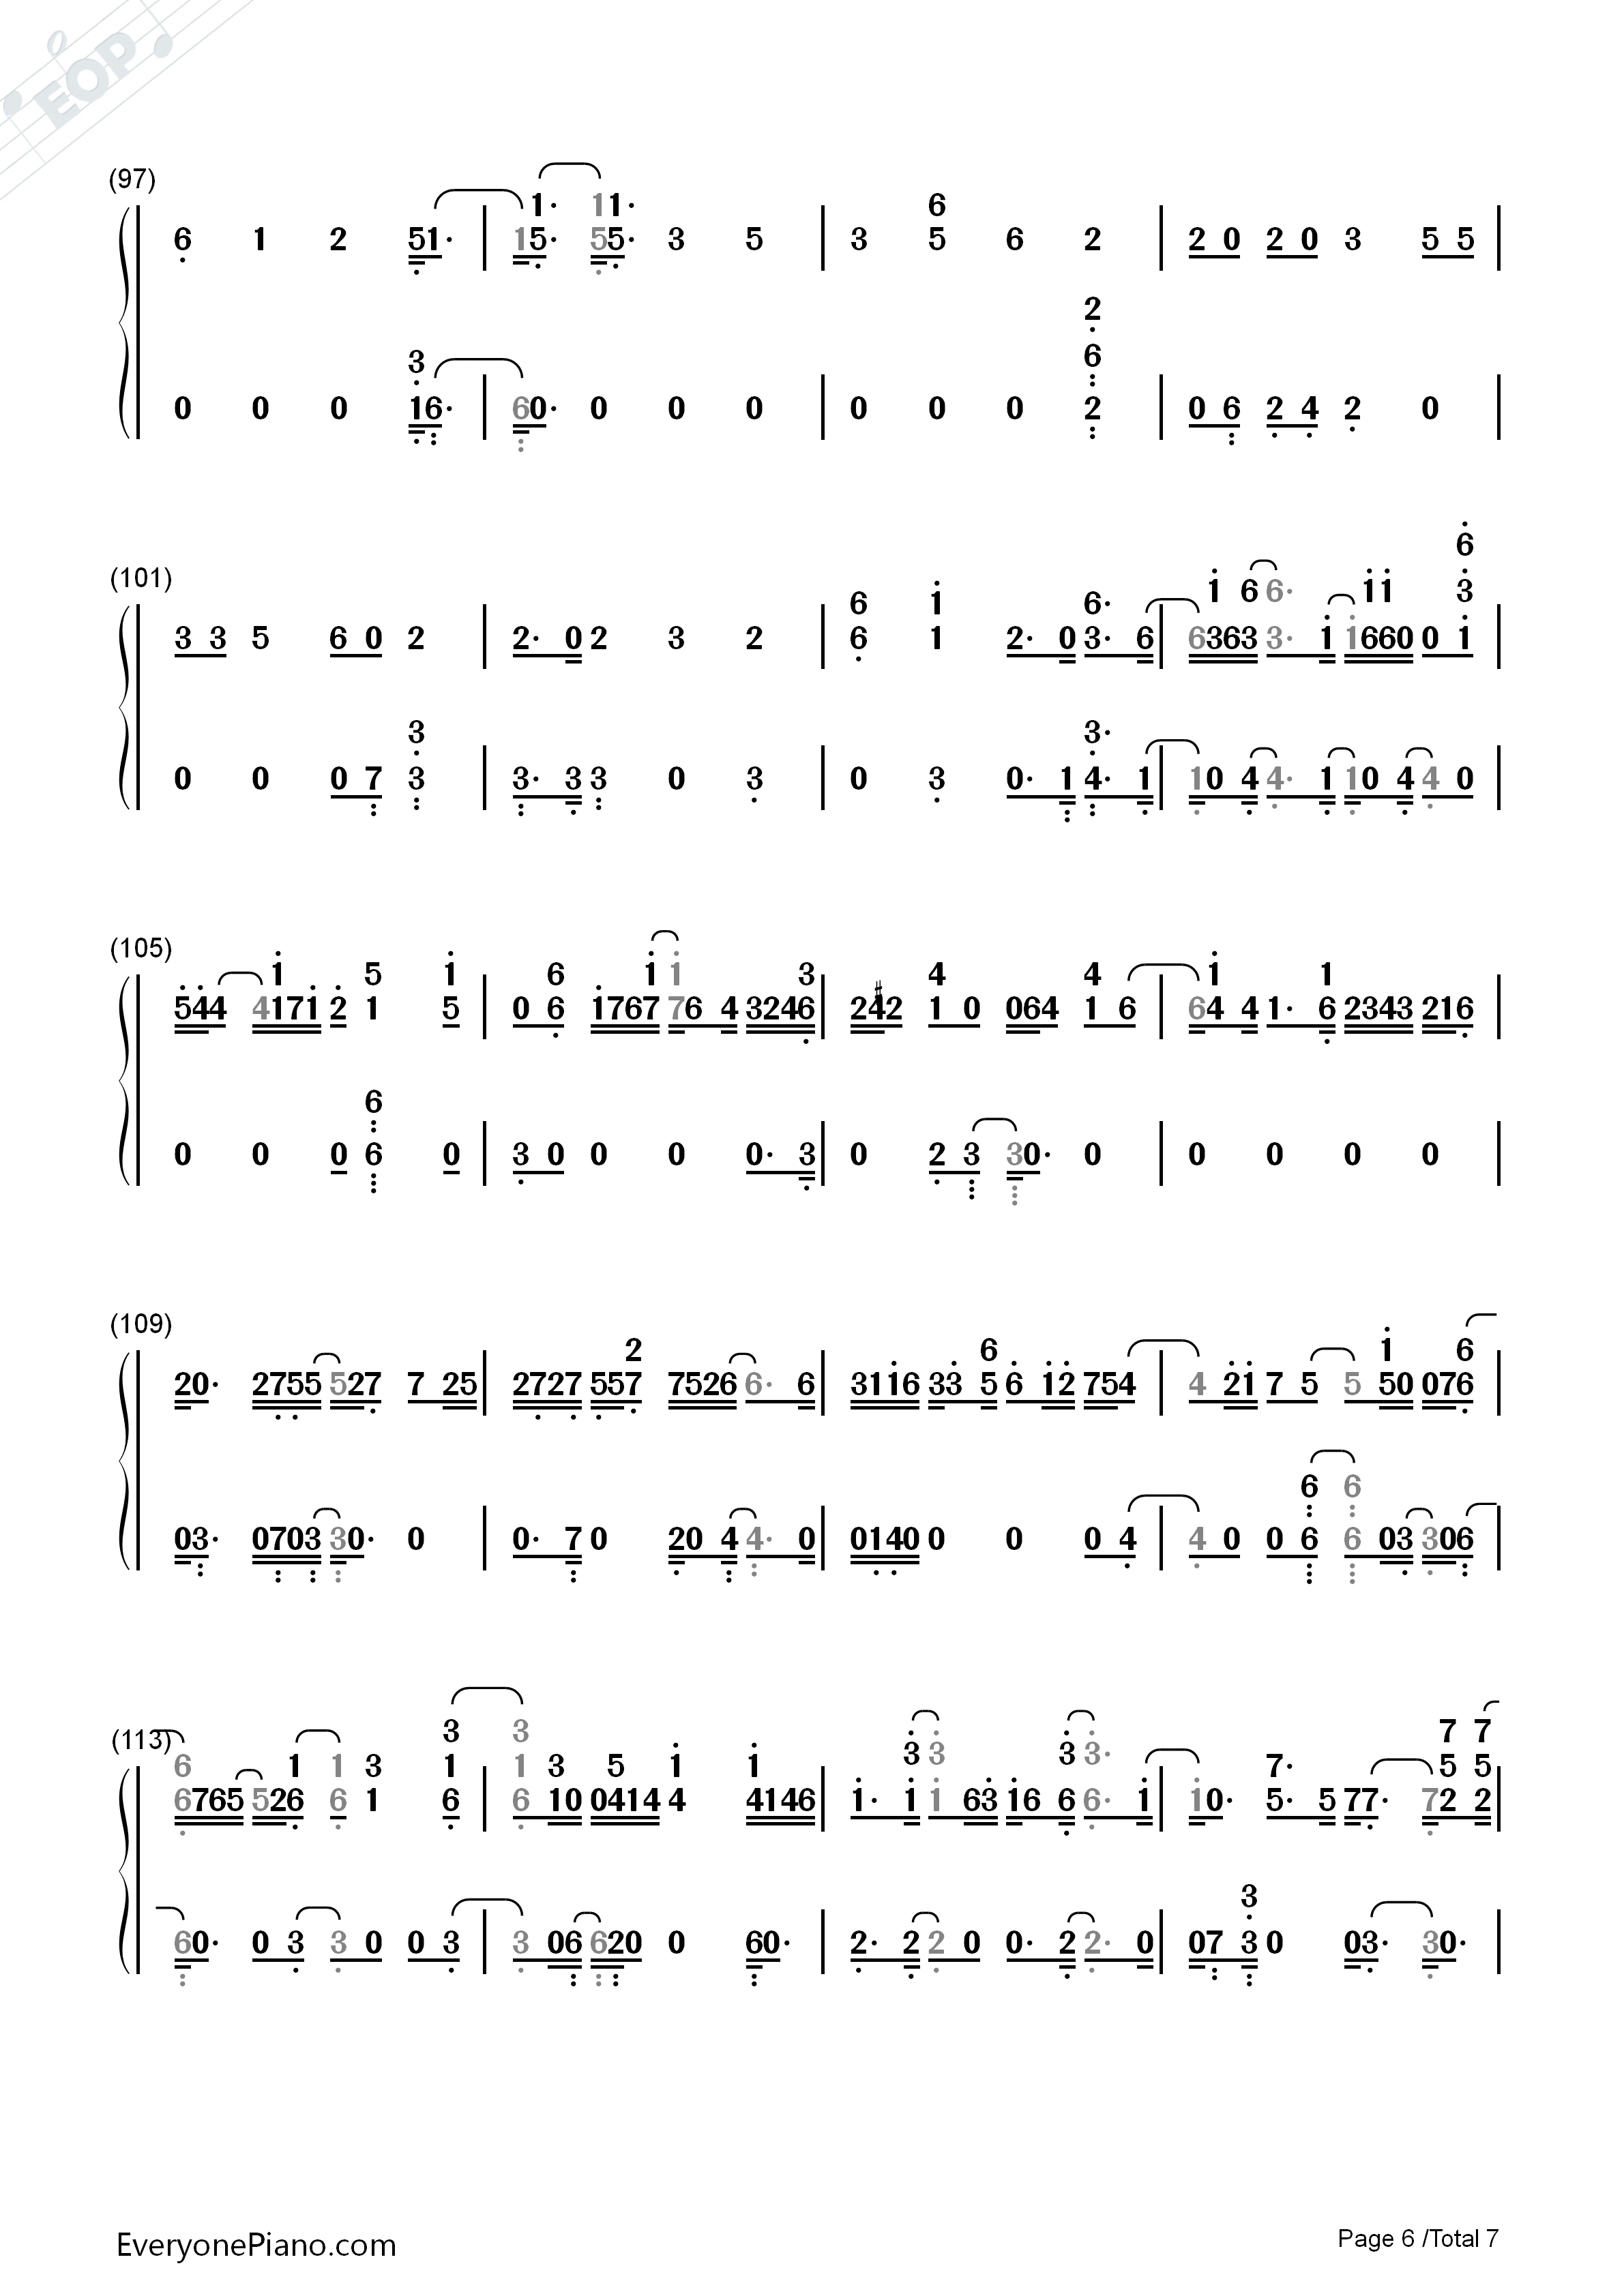 04:23 星月神话-神话插曲 03:34 夜的钢琴曲 5-eop五周年庆典 04:34图片